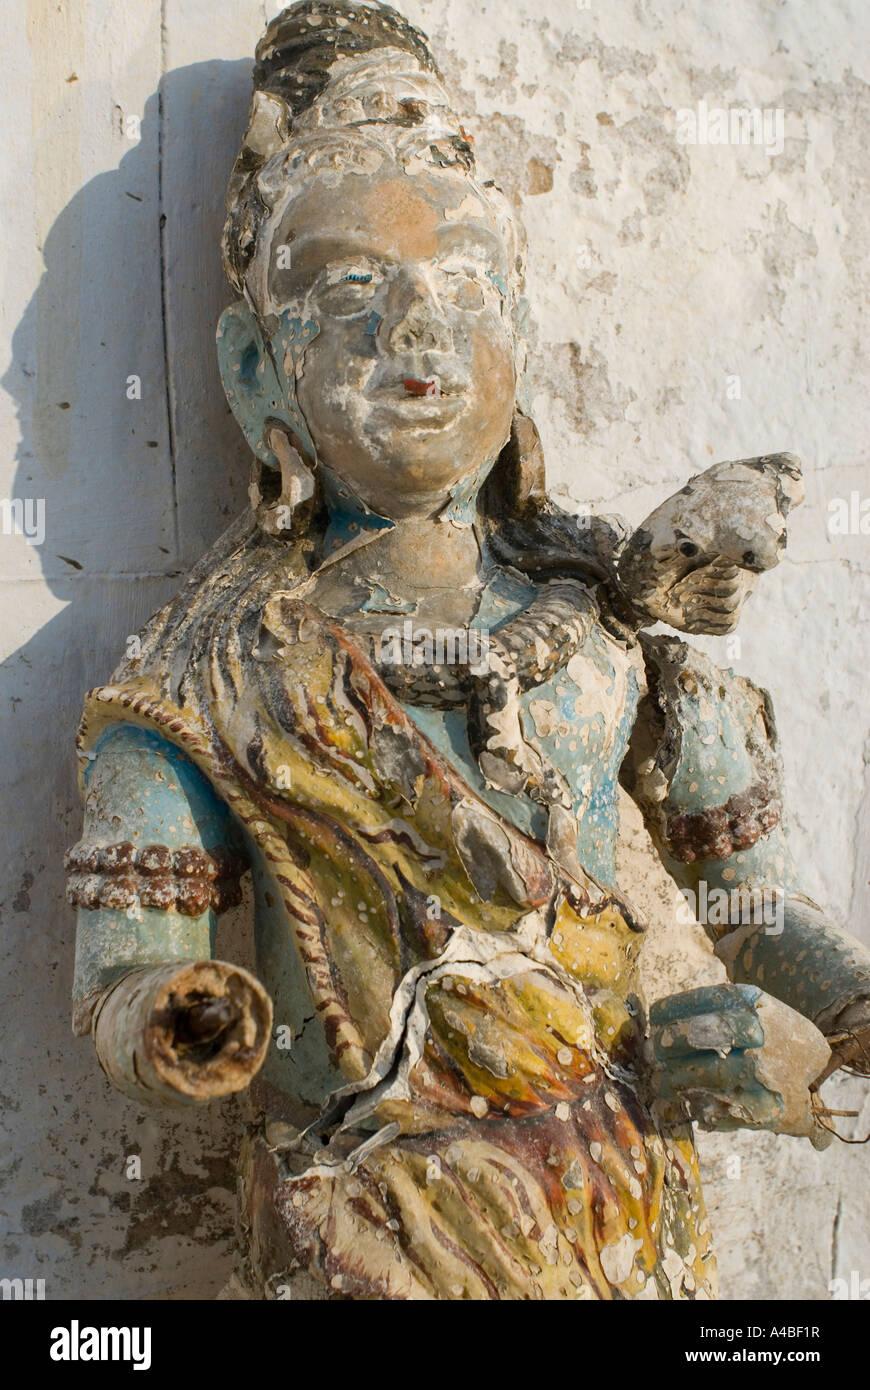 Image de petit temple Dieu à Pushkar Inde Photo Stock